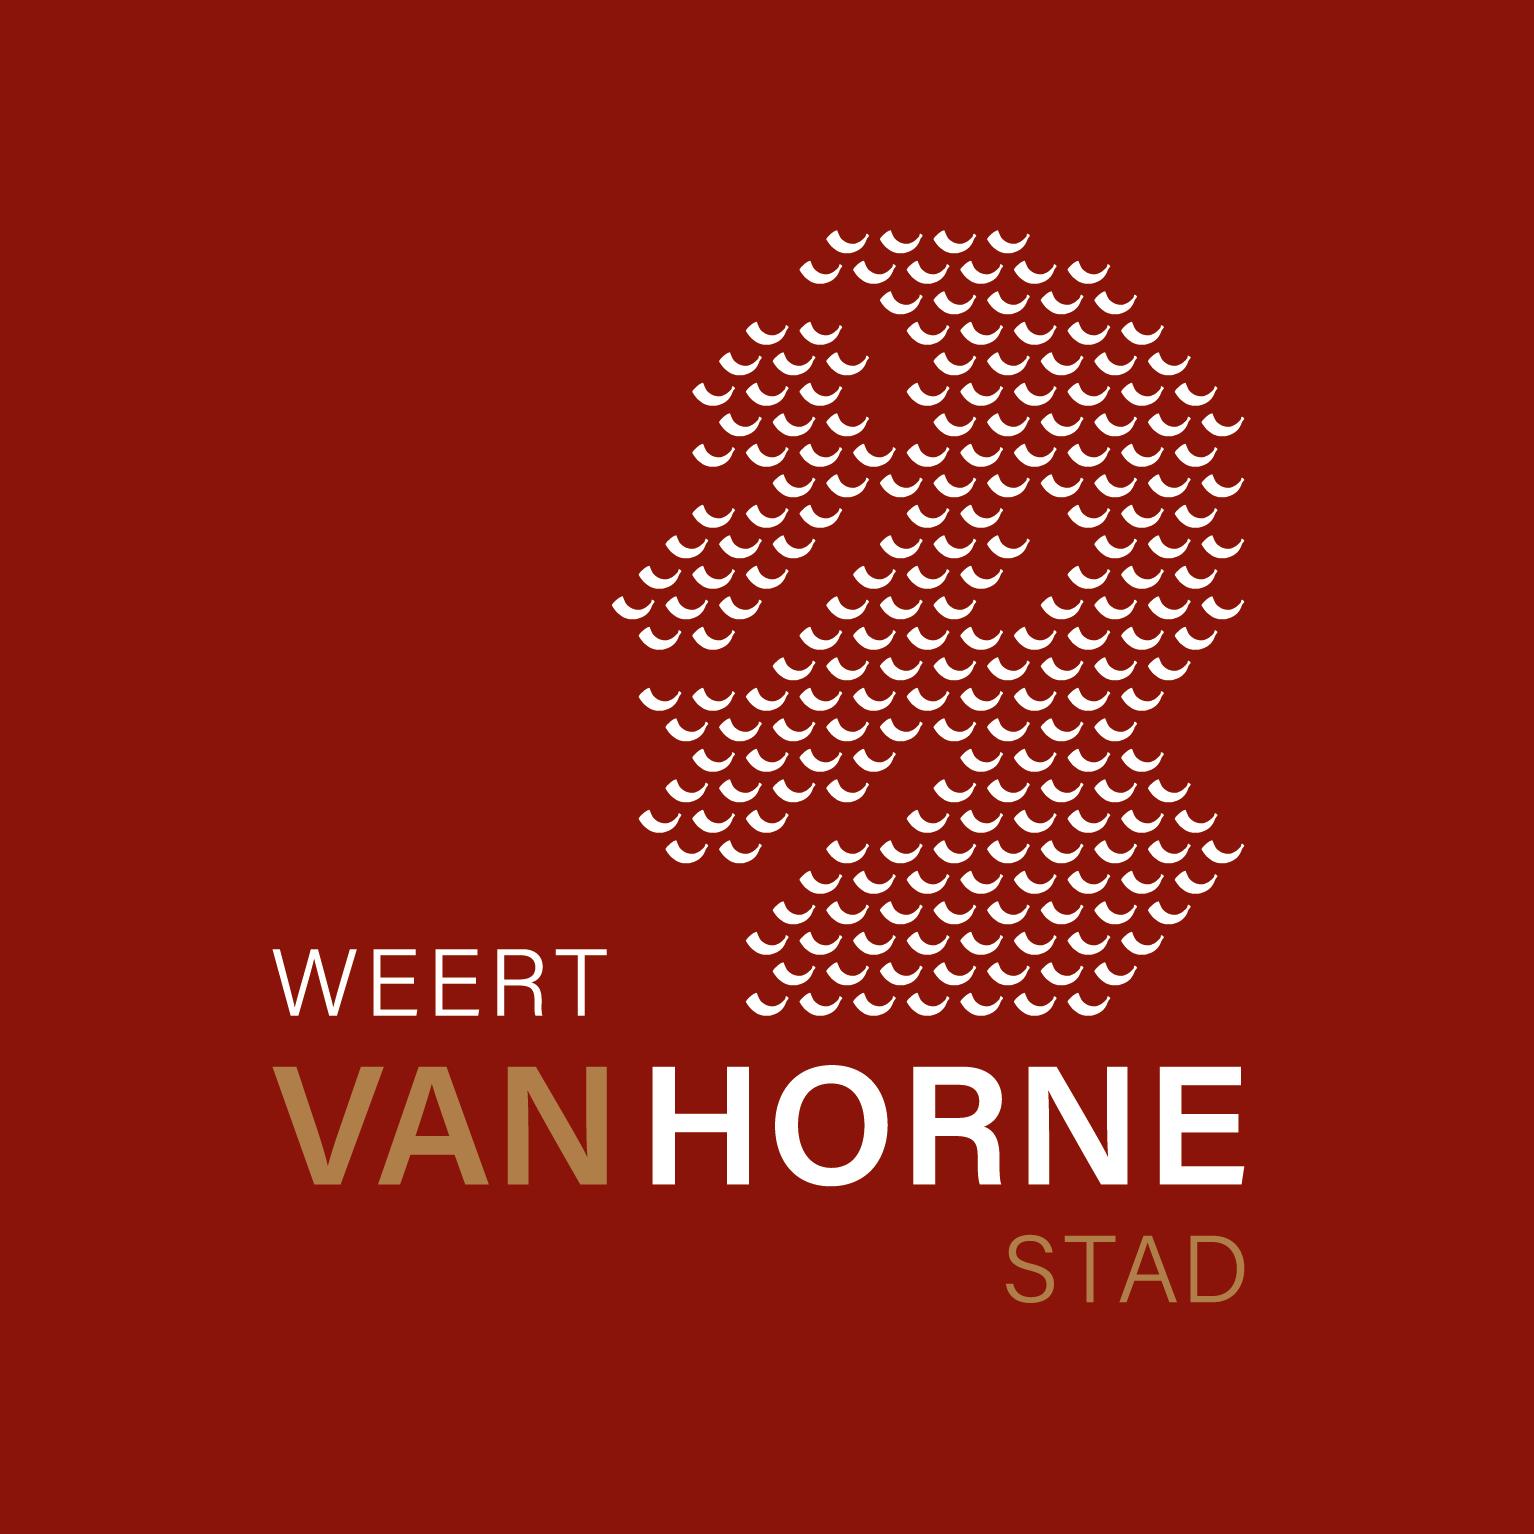 Logo WeertVanHorneStad Rood